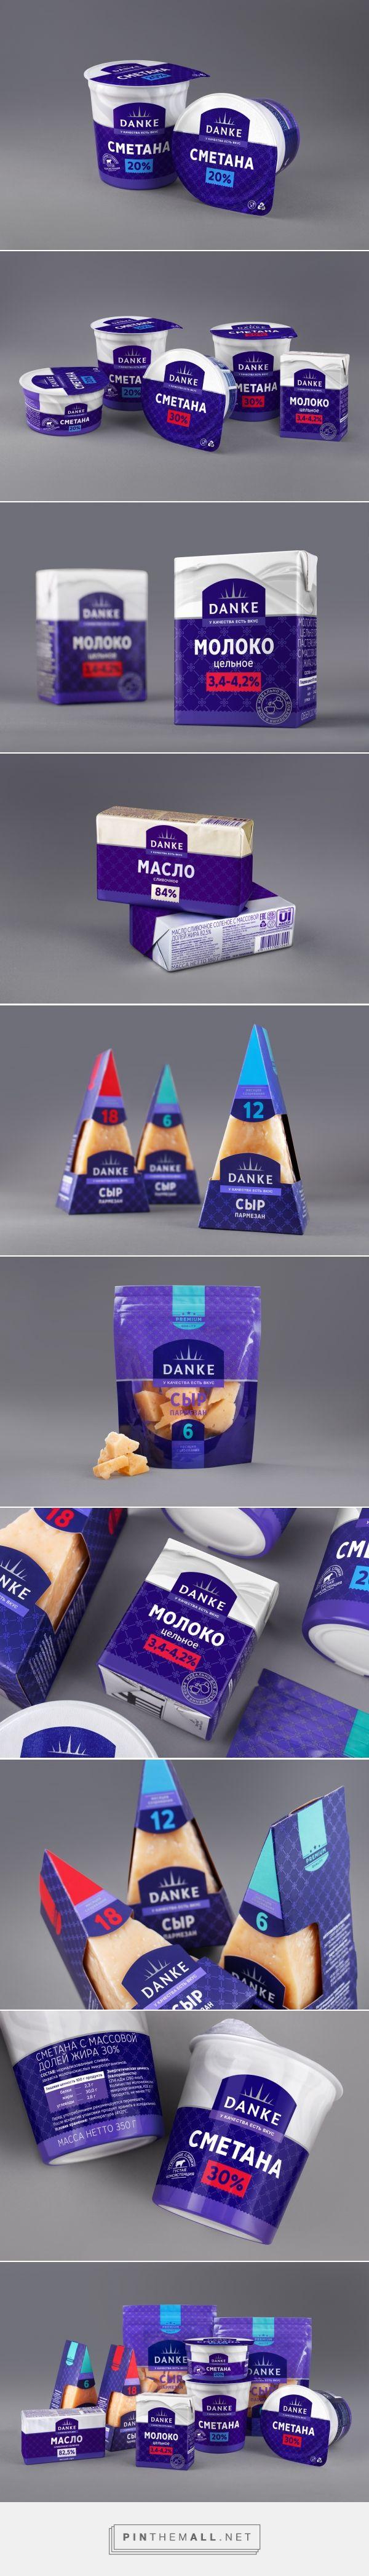 Danke Dairy packaging design by AIDA Pioneer Group - http://www.packagingoftheworld.com/2017/10/danke-dairy-products.html